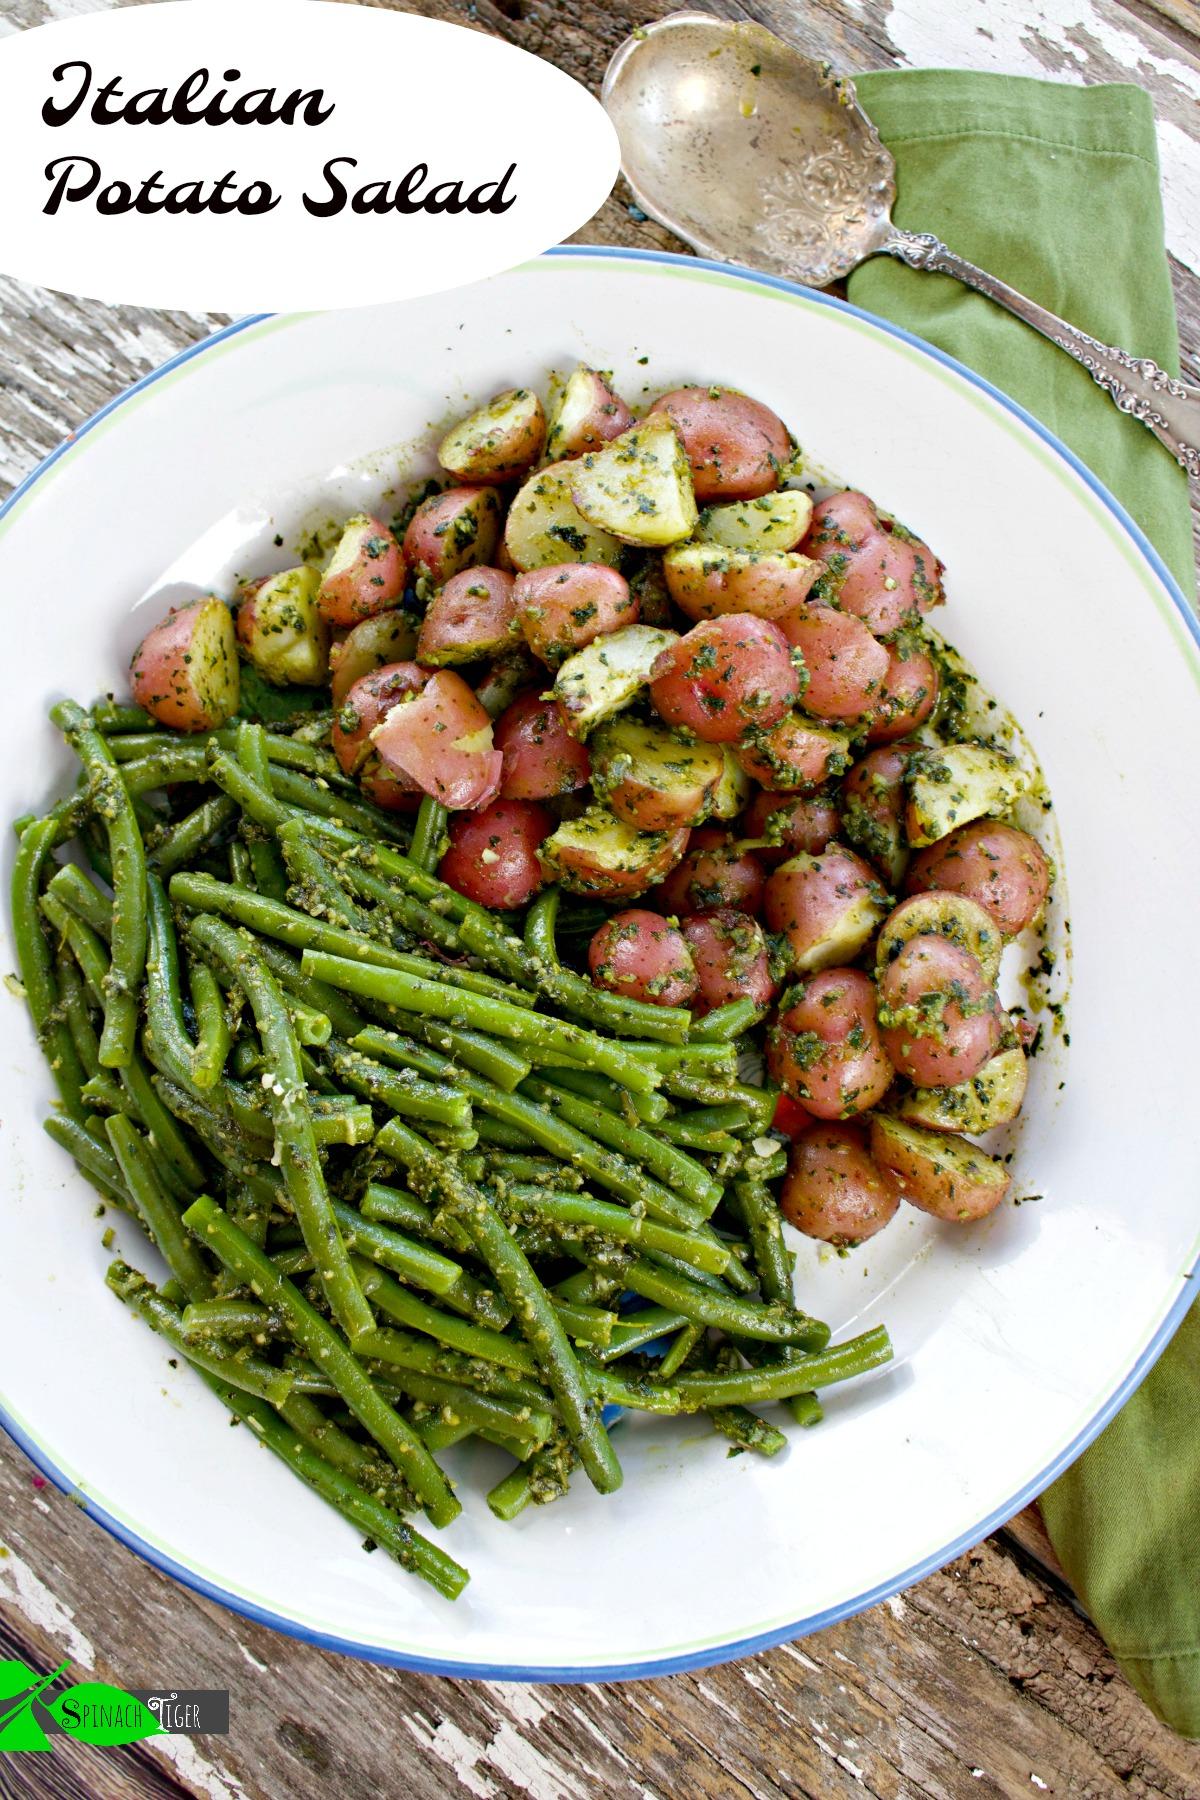 authentic pesto recipe for Italian Potato Salad from Spinach TIger